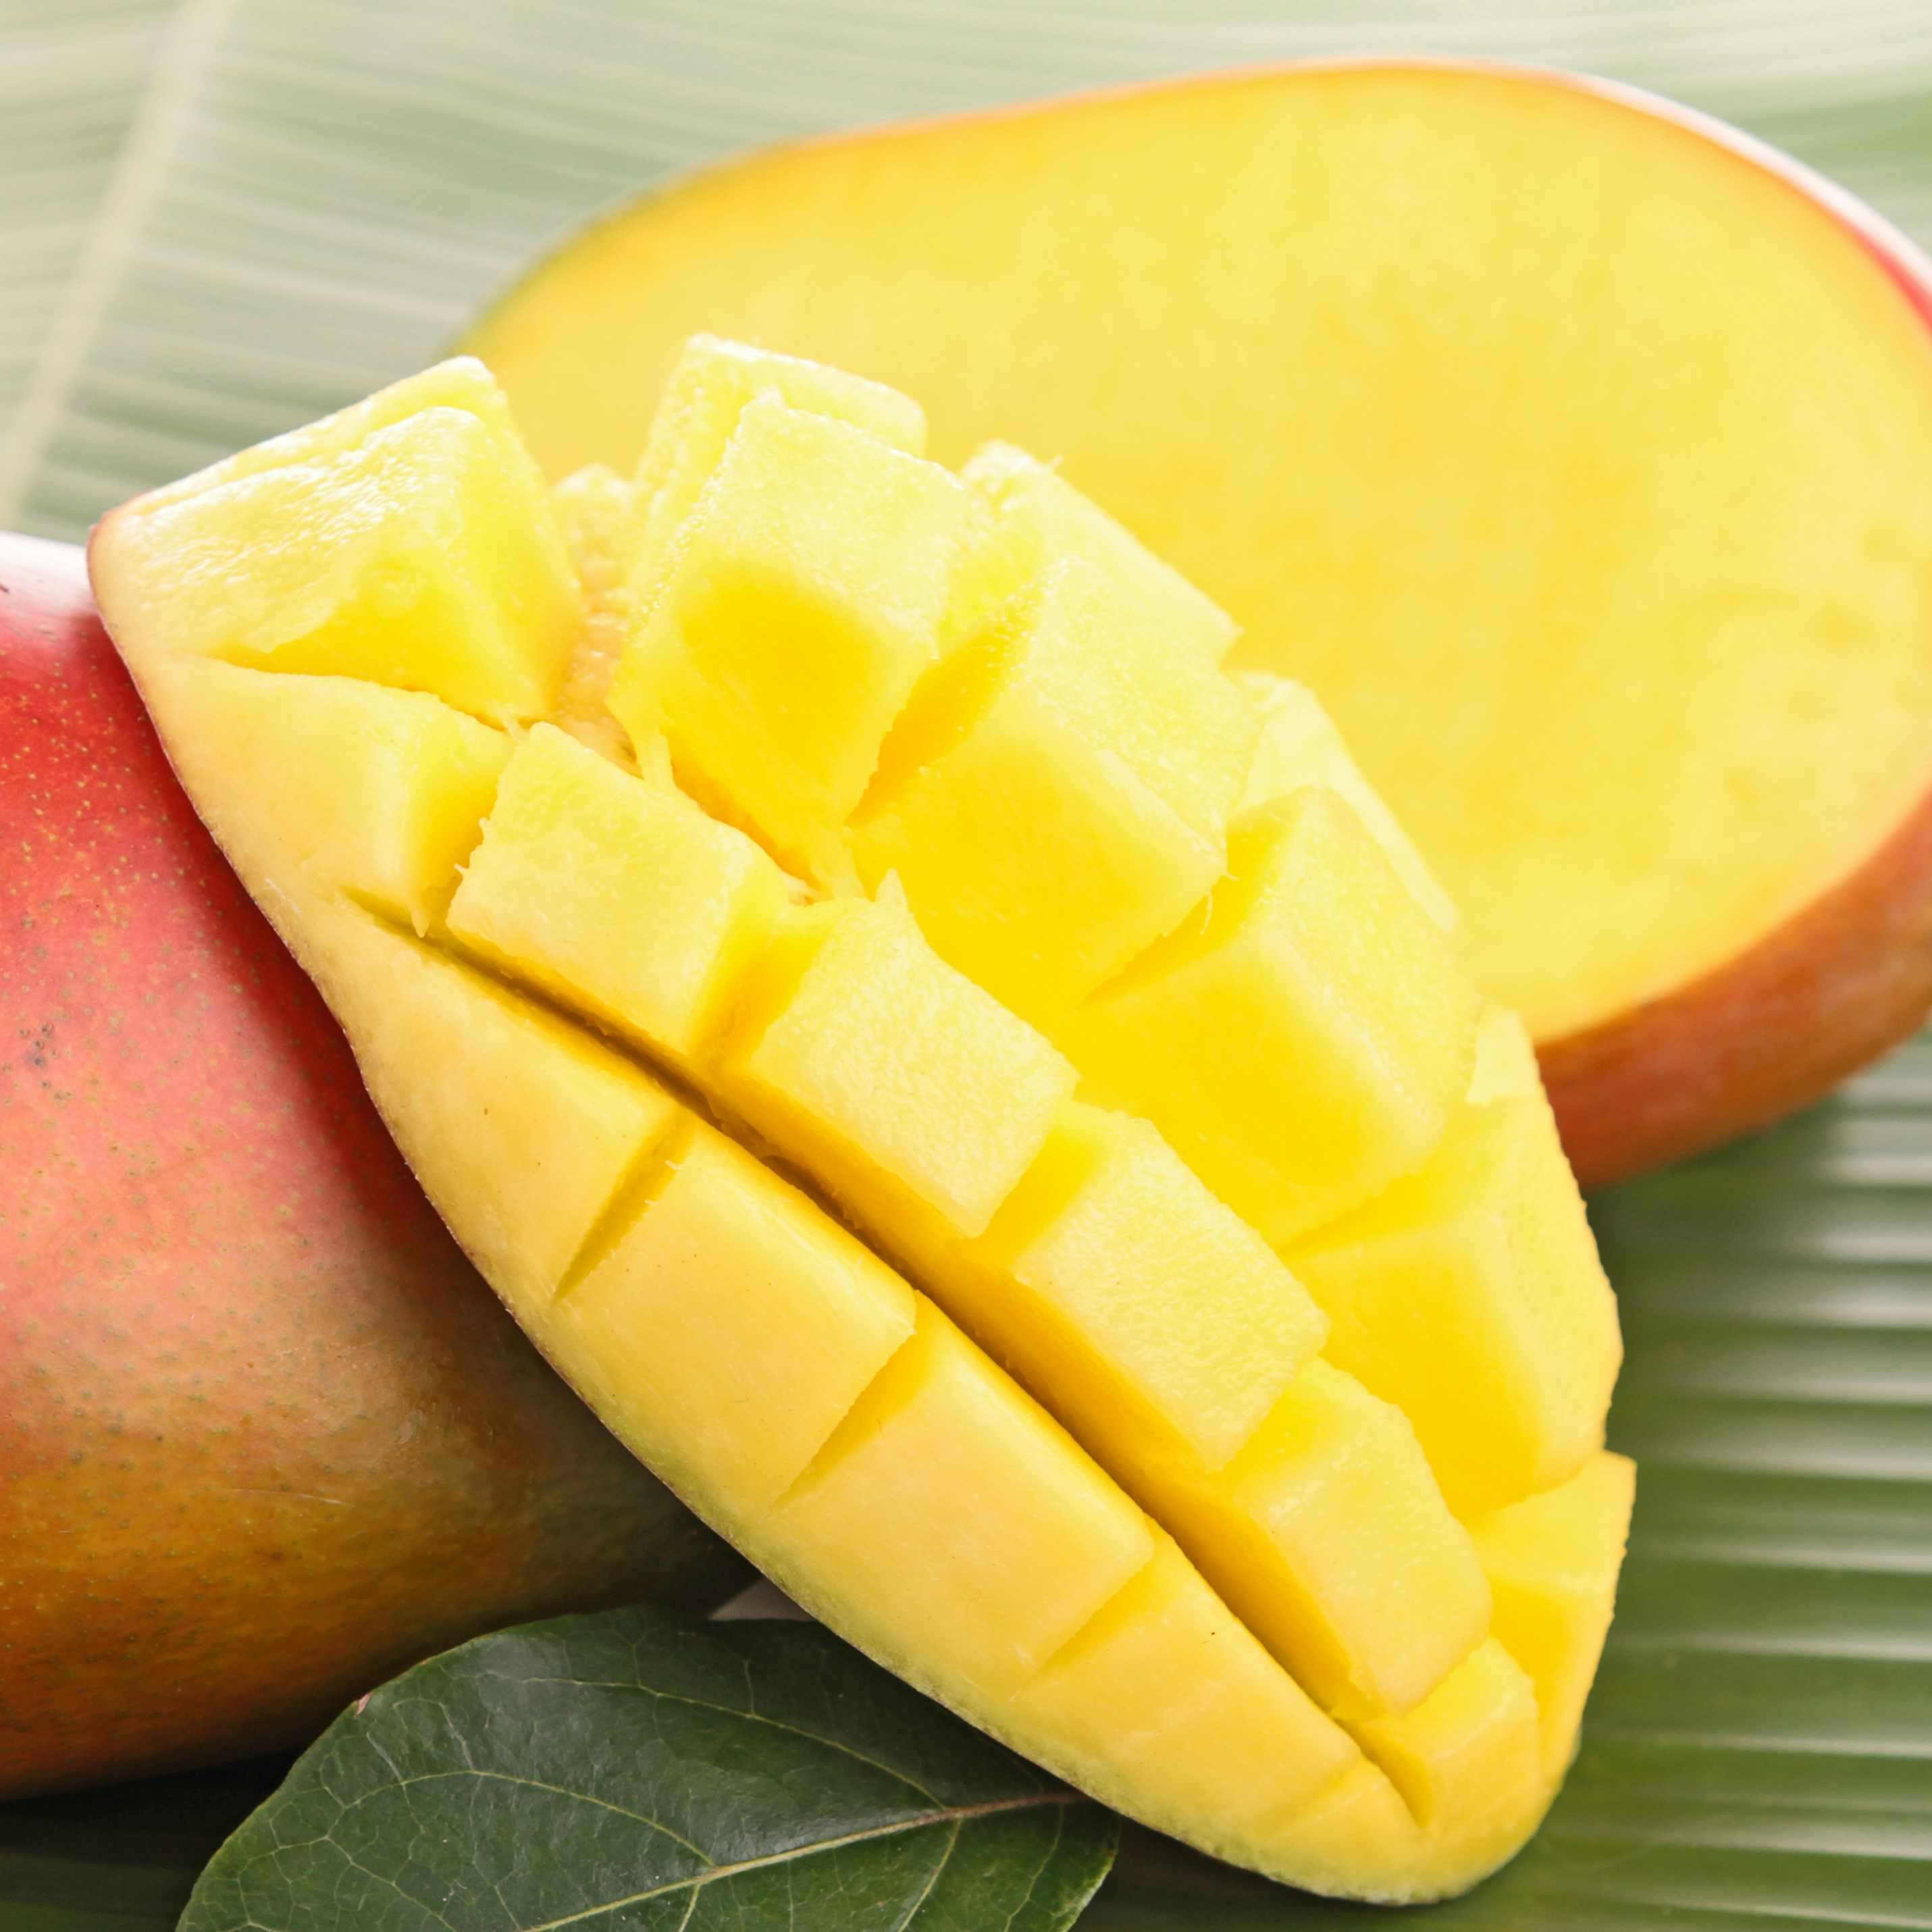 close up of a freshly sliced mango fruit